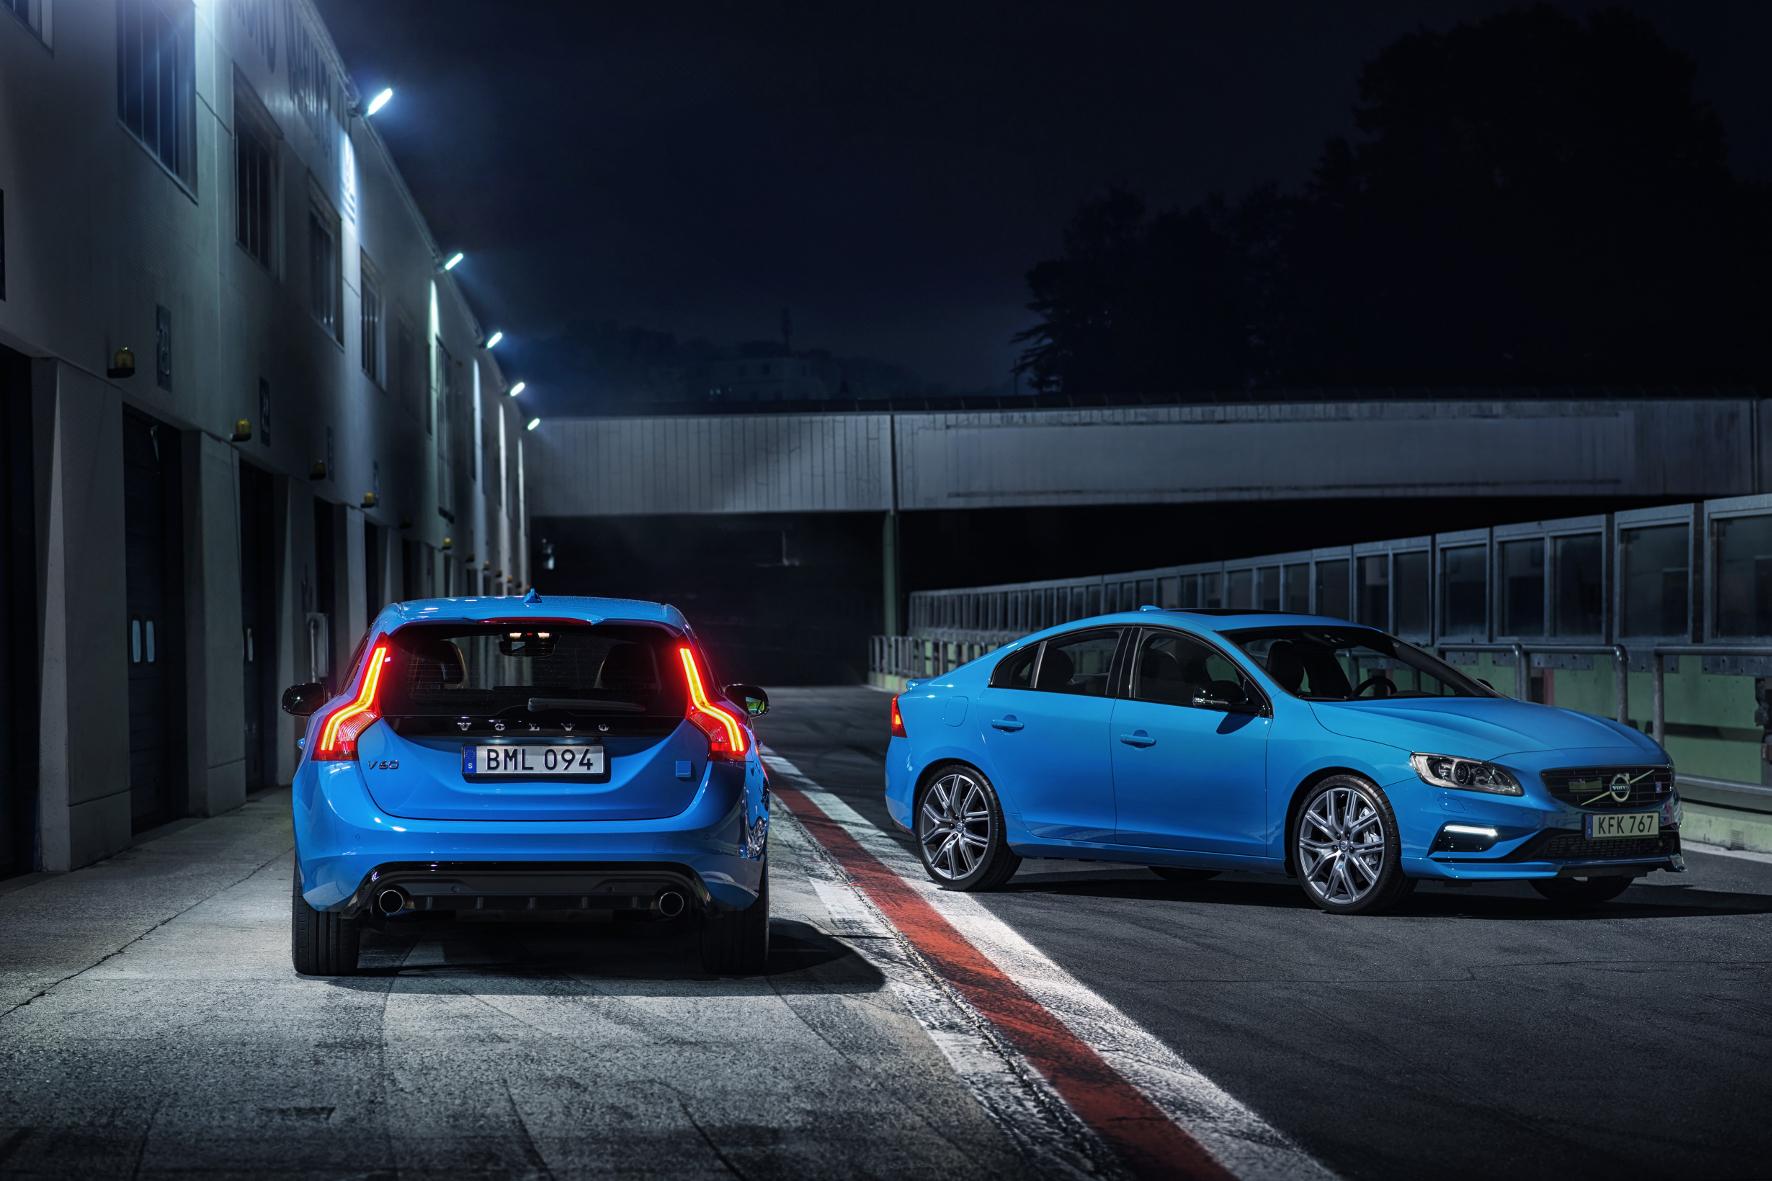 mid Groß-Gerau: Flottes Schweden-Duo: die Polestar-Varianten der Volvo-Modelle S60 und V60.